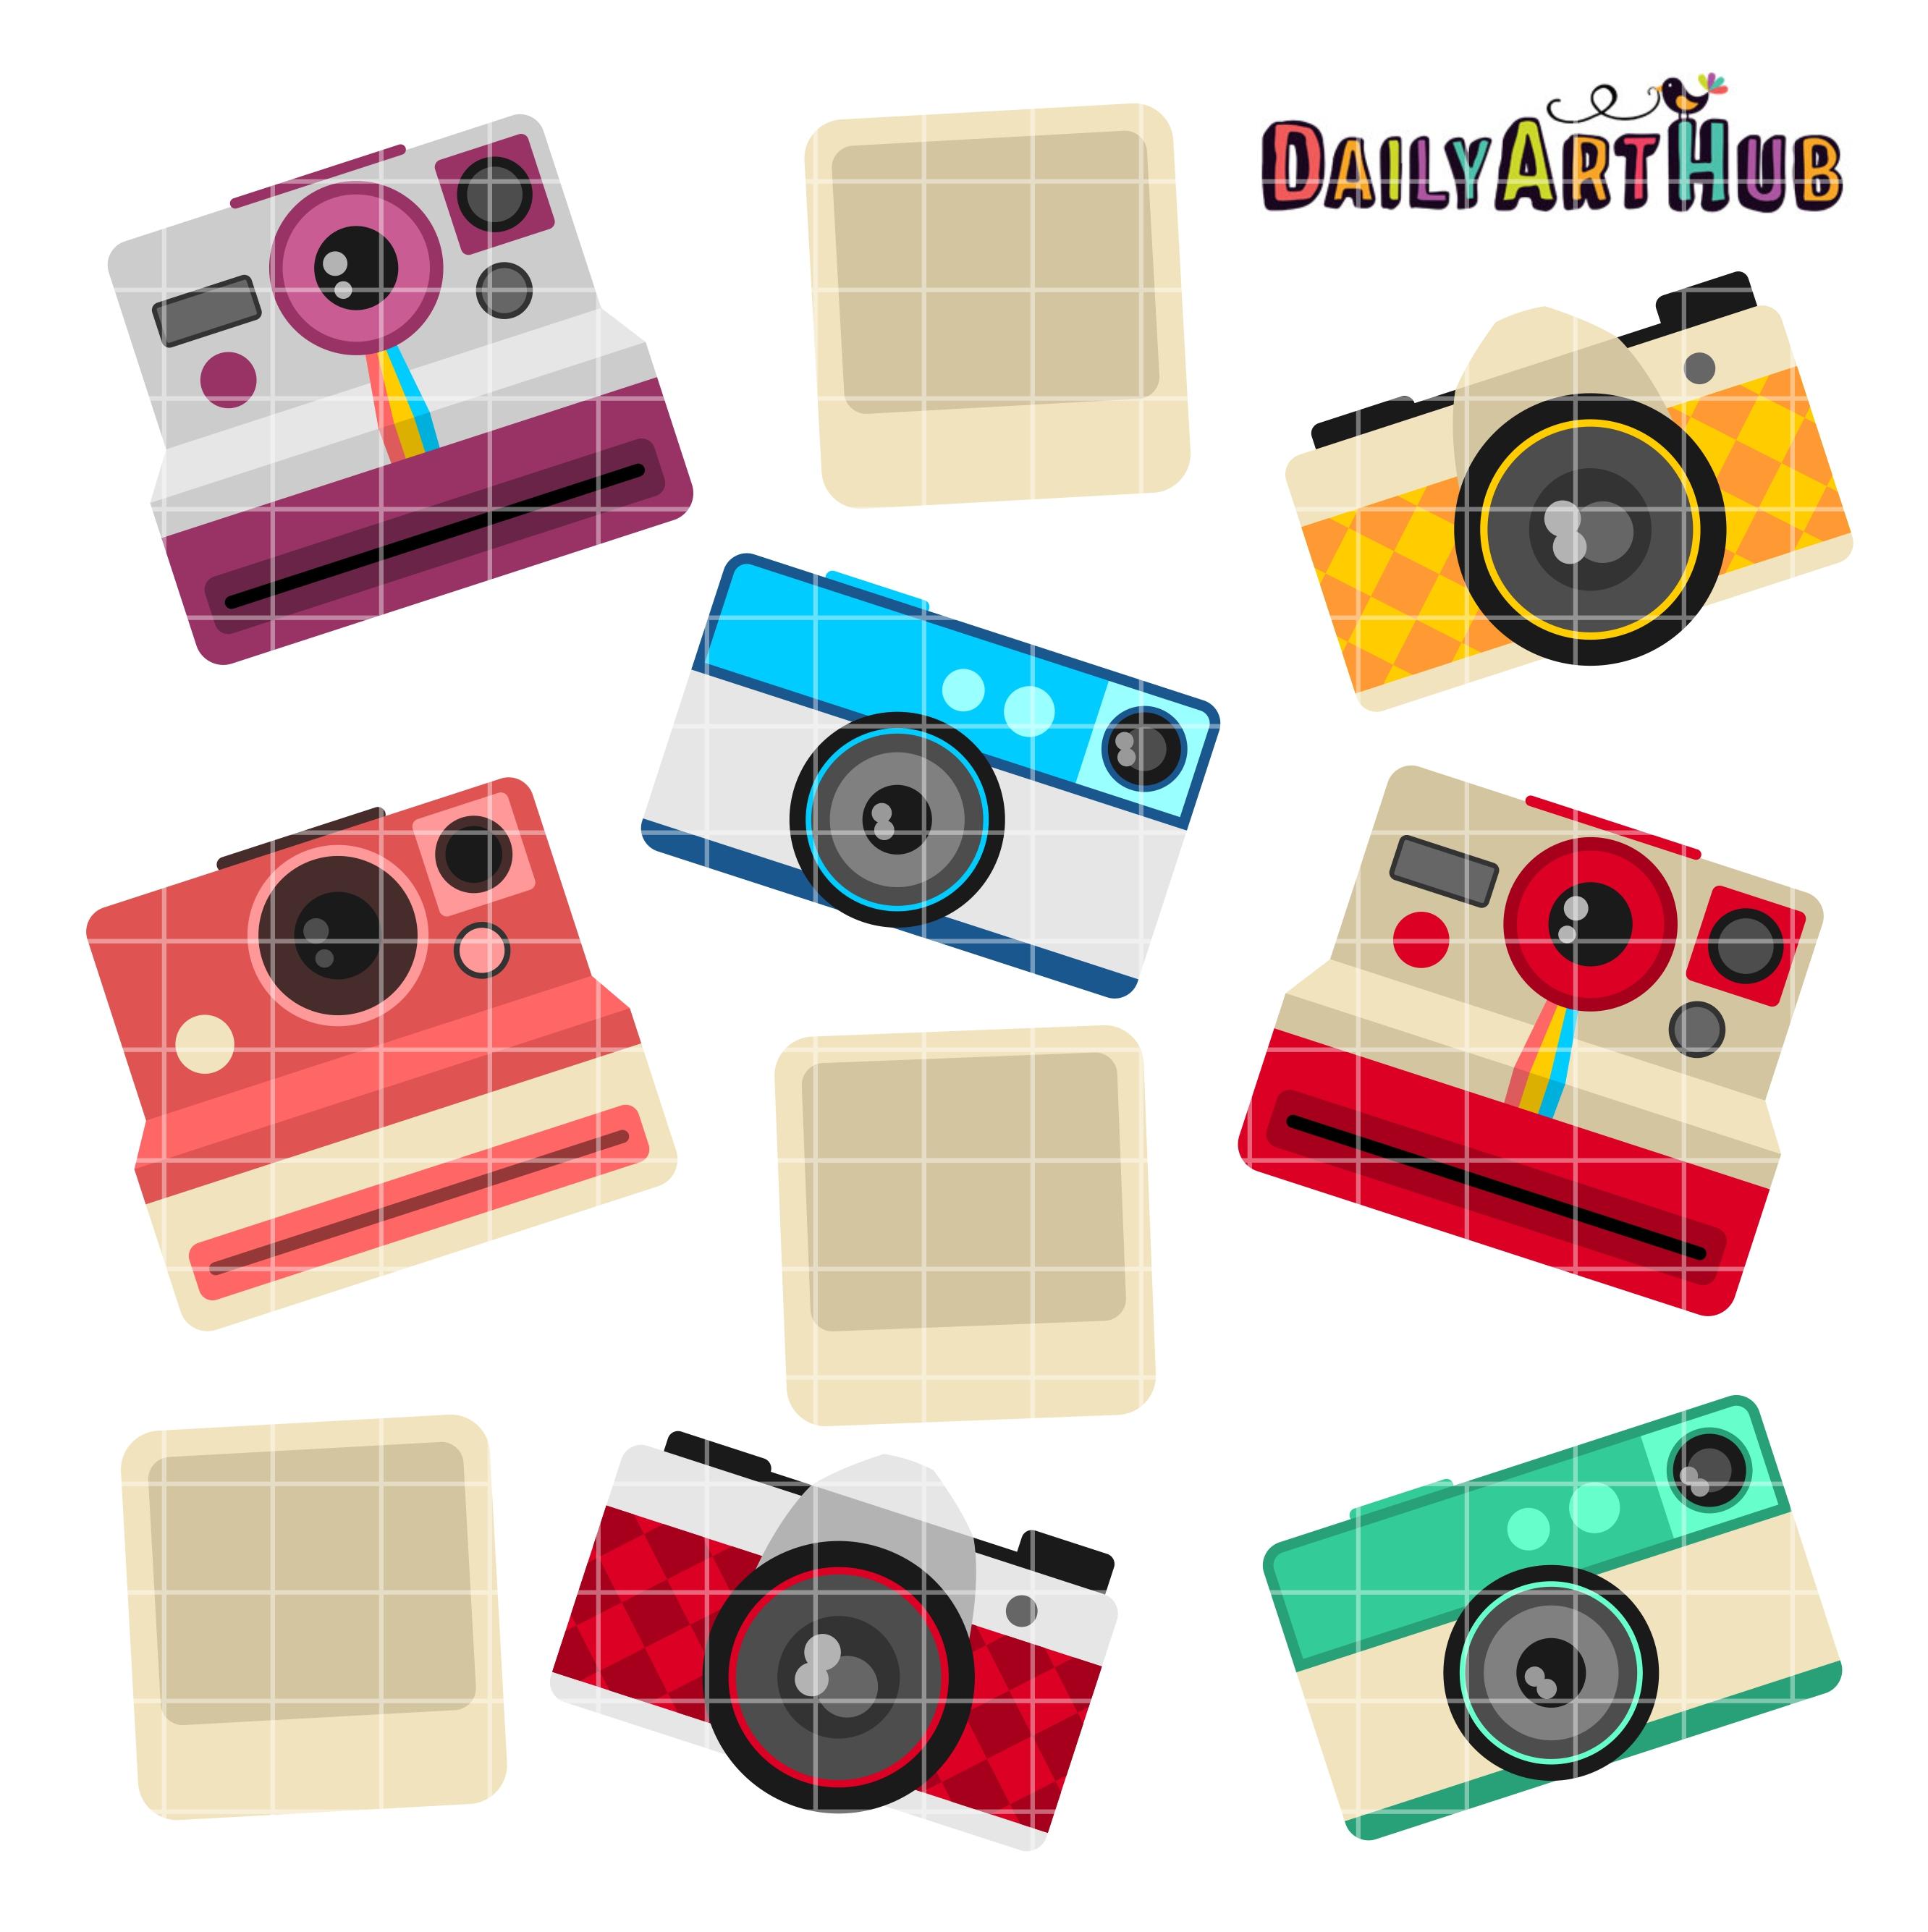 Camera clipart retro camera. Clip art set daily